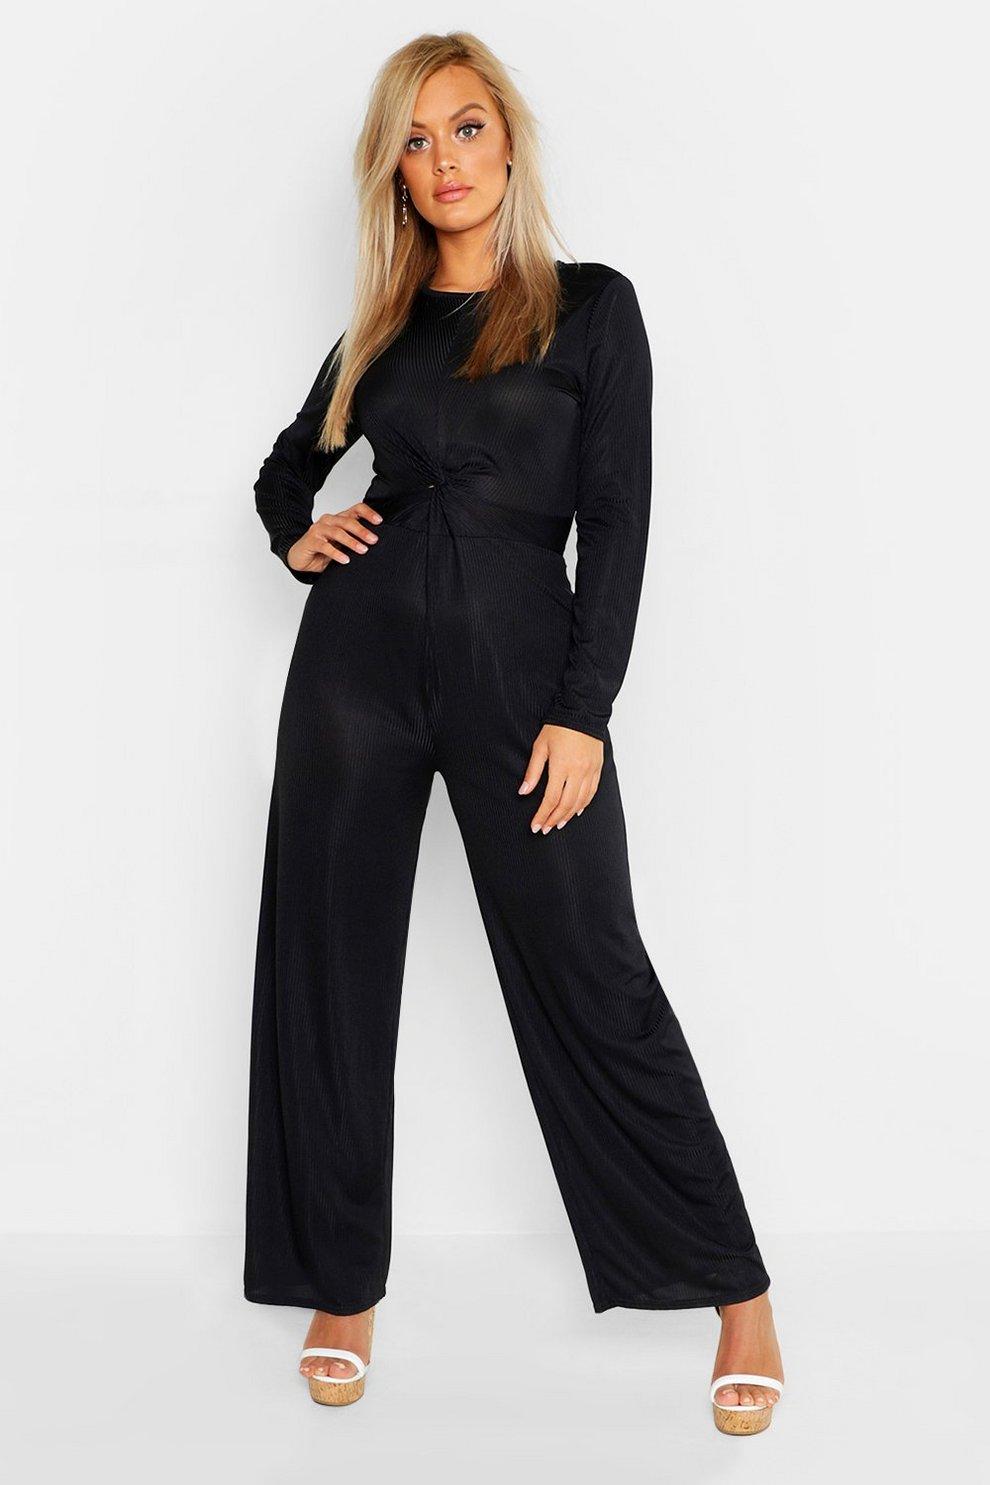 2c87a37f0f84 Womens Black Plus Rib Twist Front Long Sleeve Wide Leg Jumpsuit